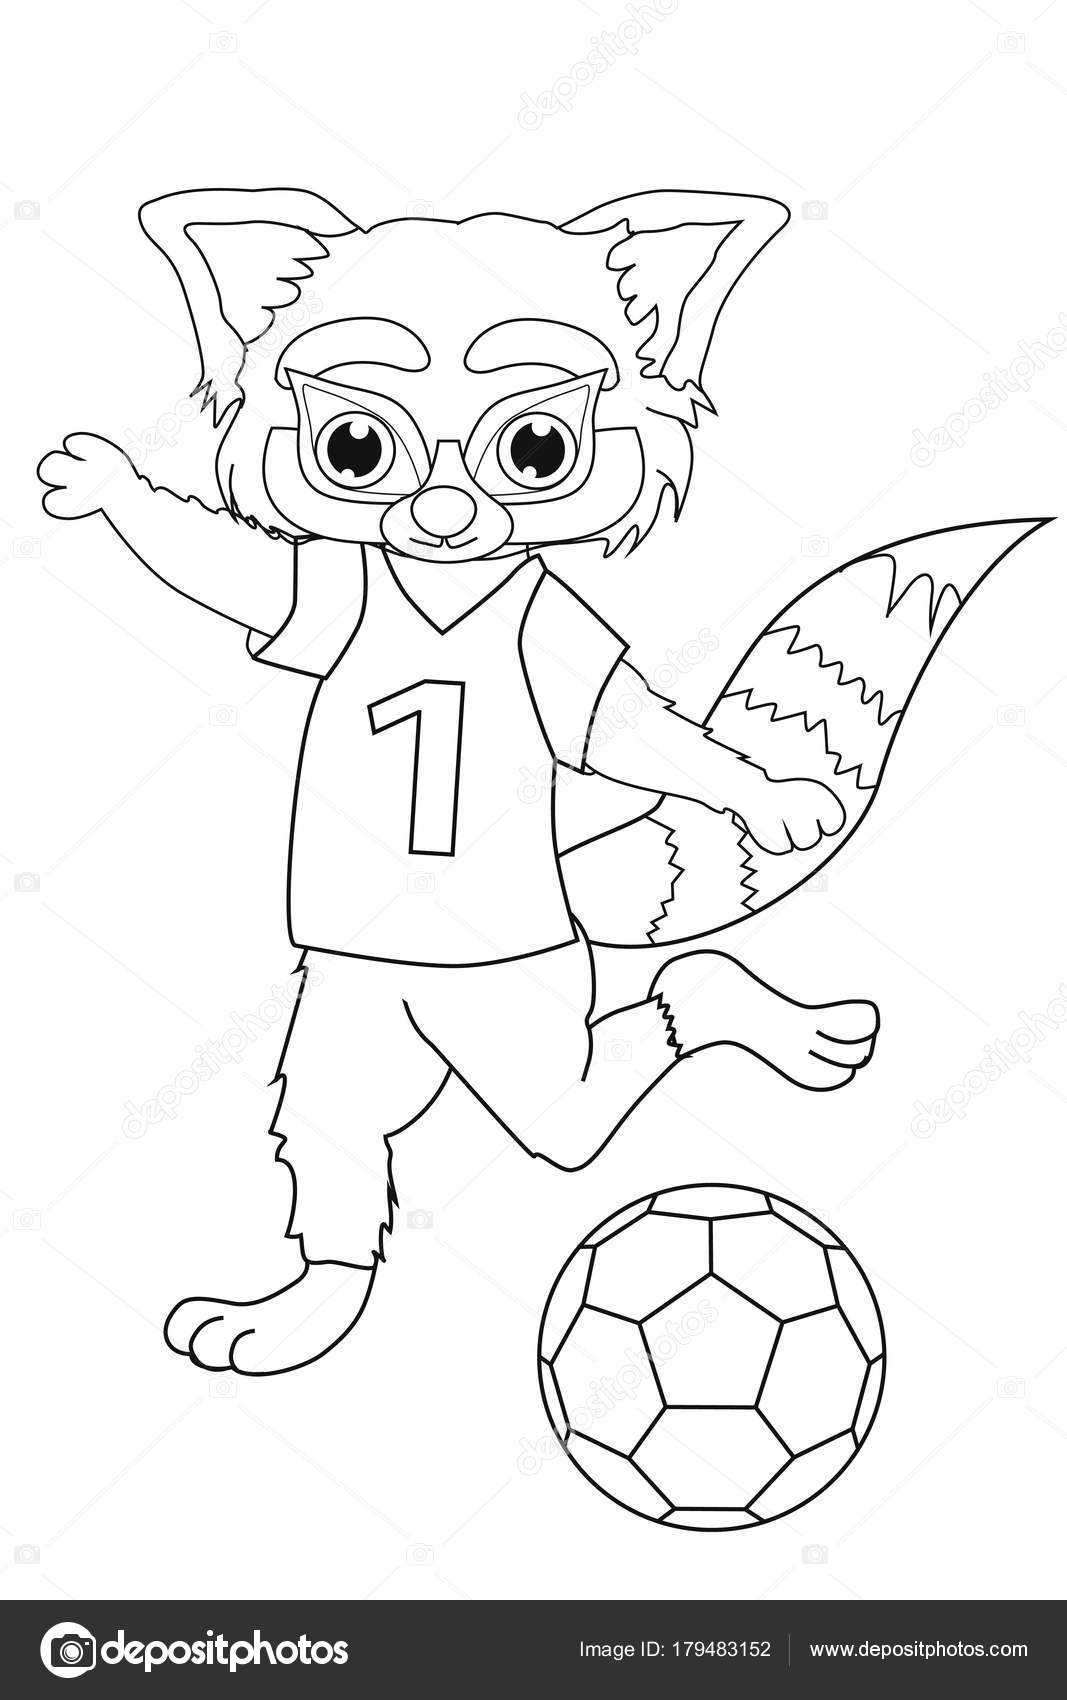 Libro Colorear Panda Rojo Jugador Fútbol Estilo Dibujos Animados ...